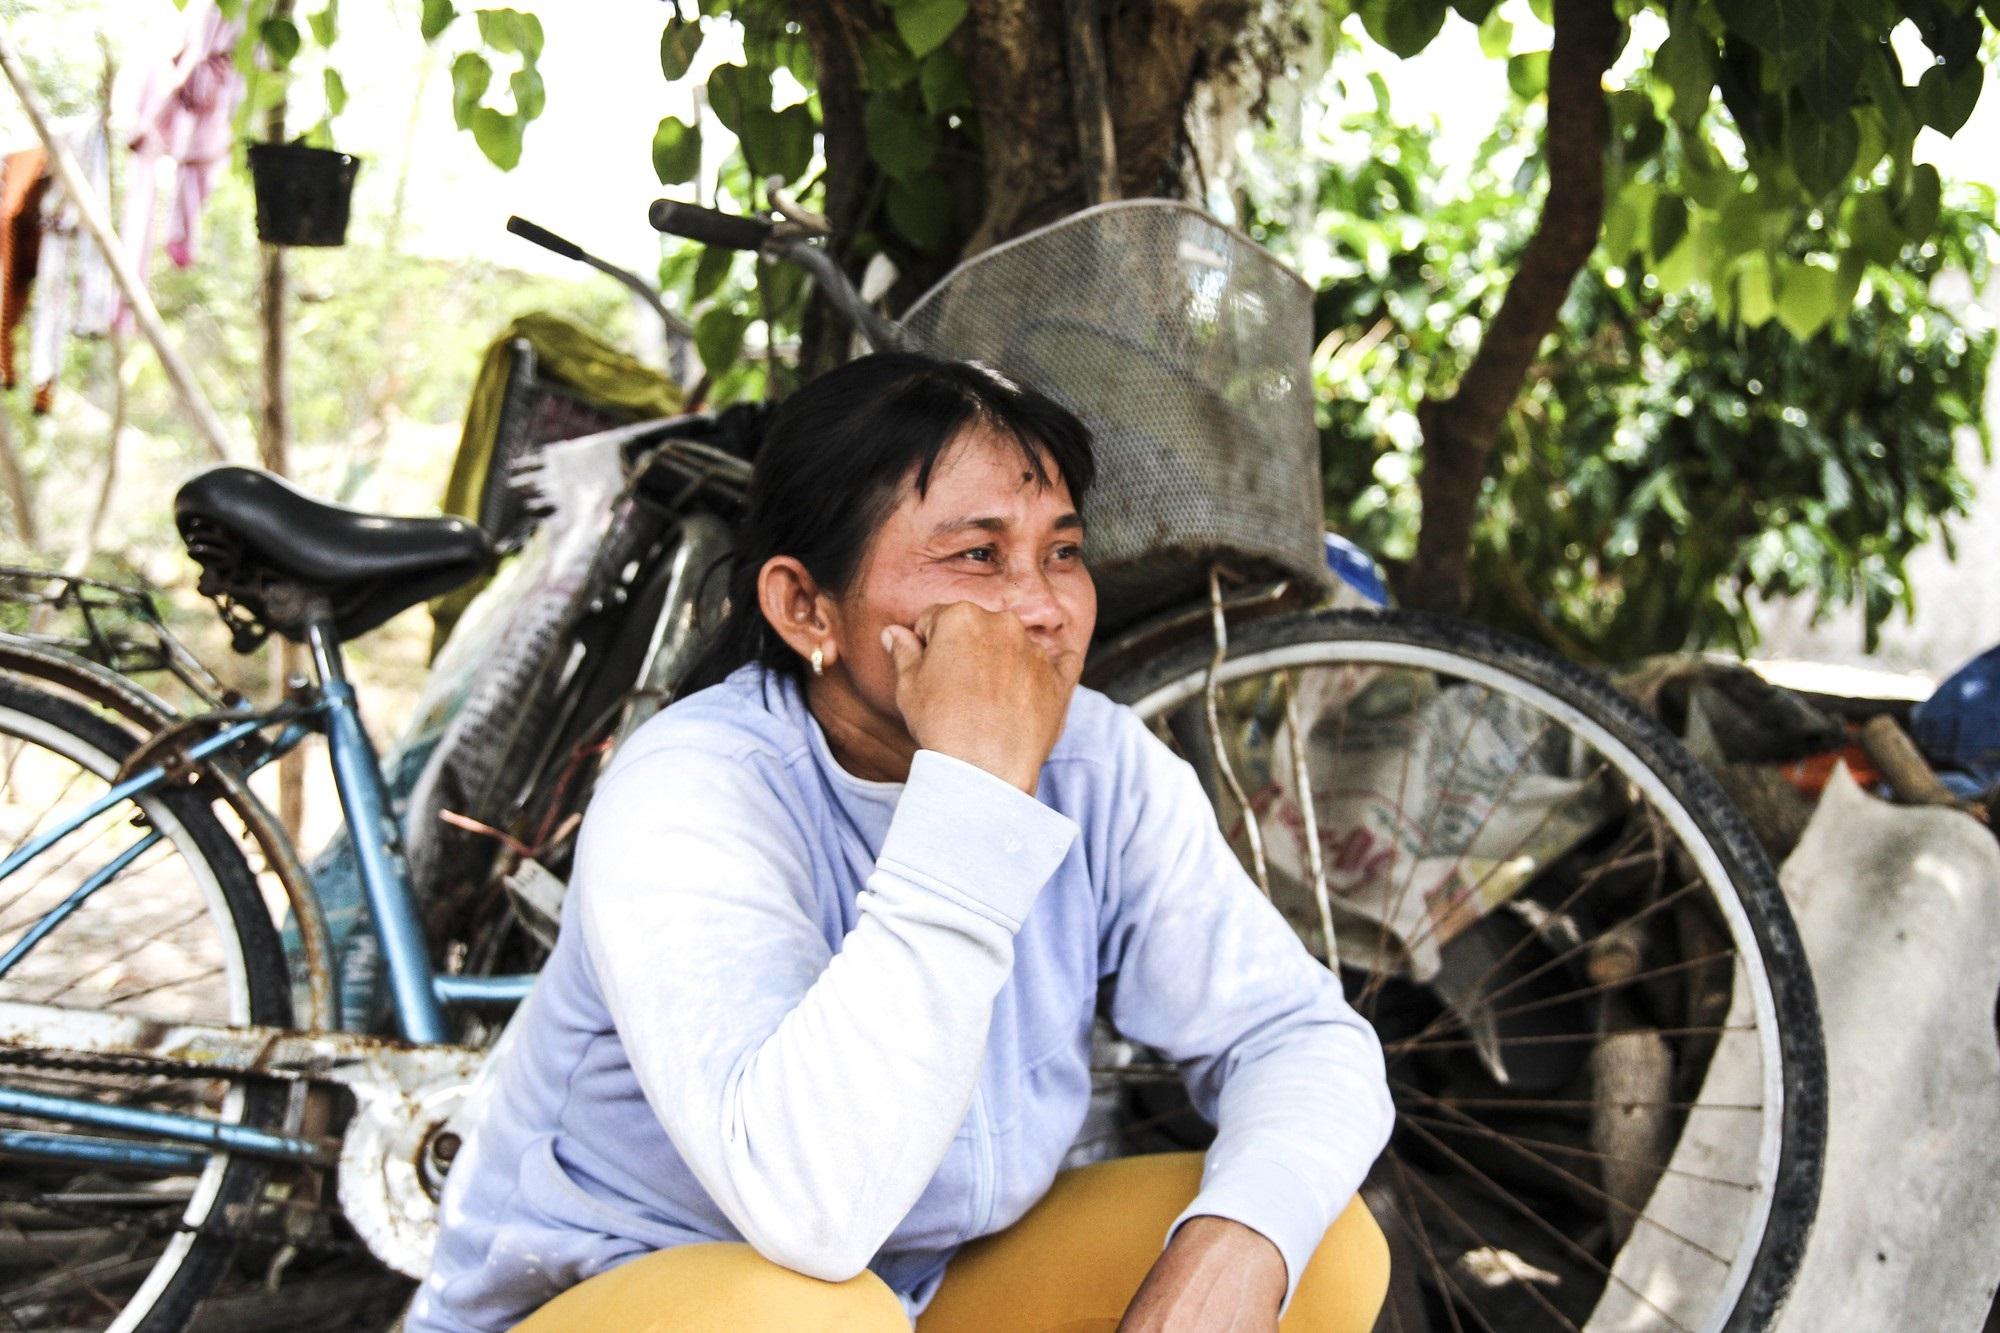 Cuộc đời khốn khổ của người mẹ chôn sống con ở Bình Thuận - Ảnh 9